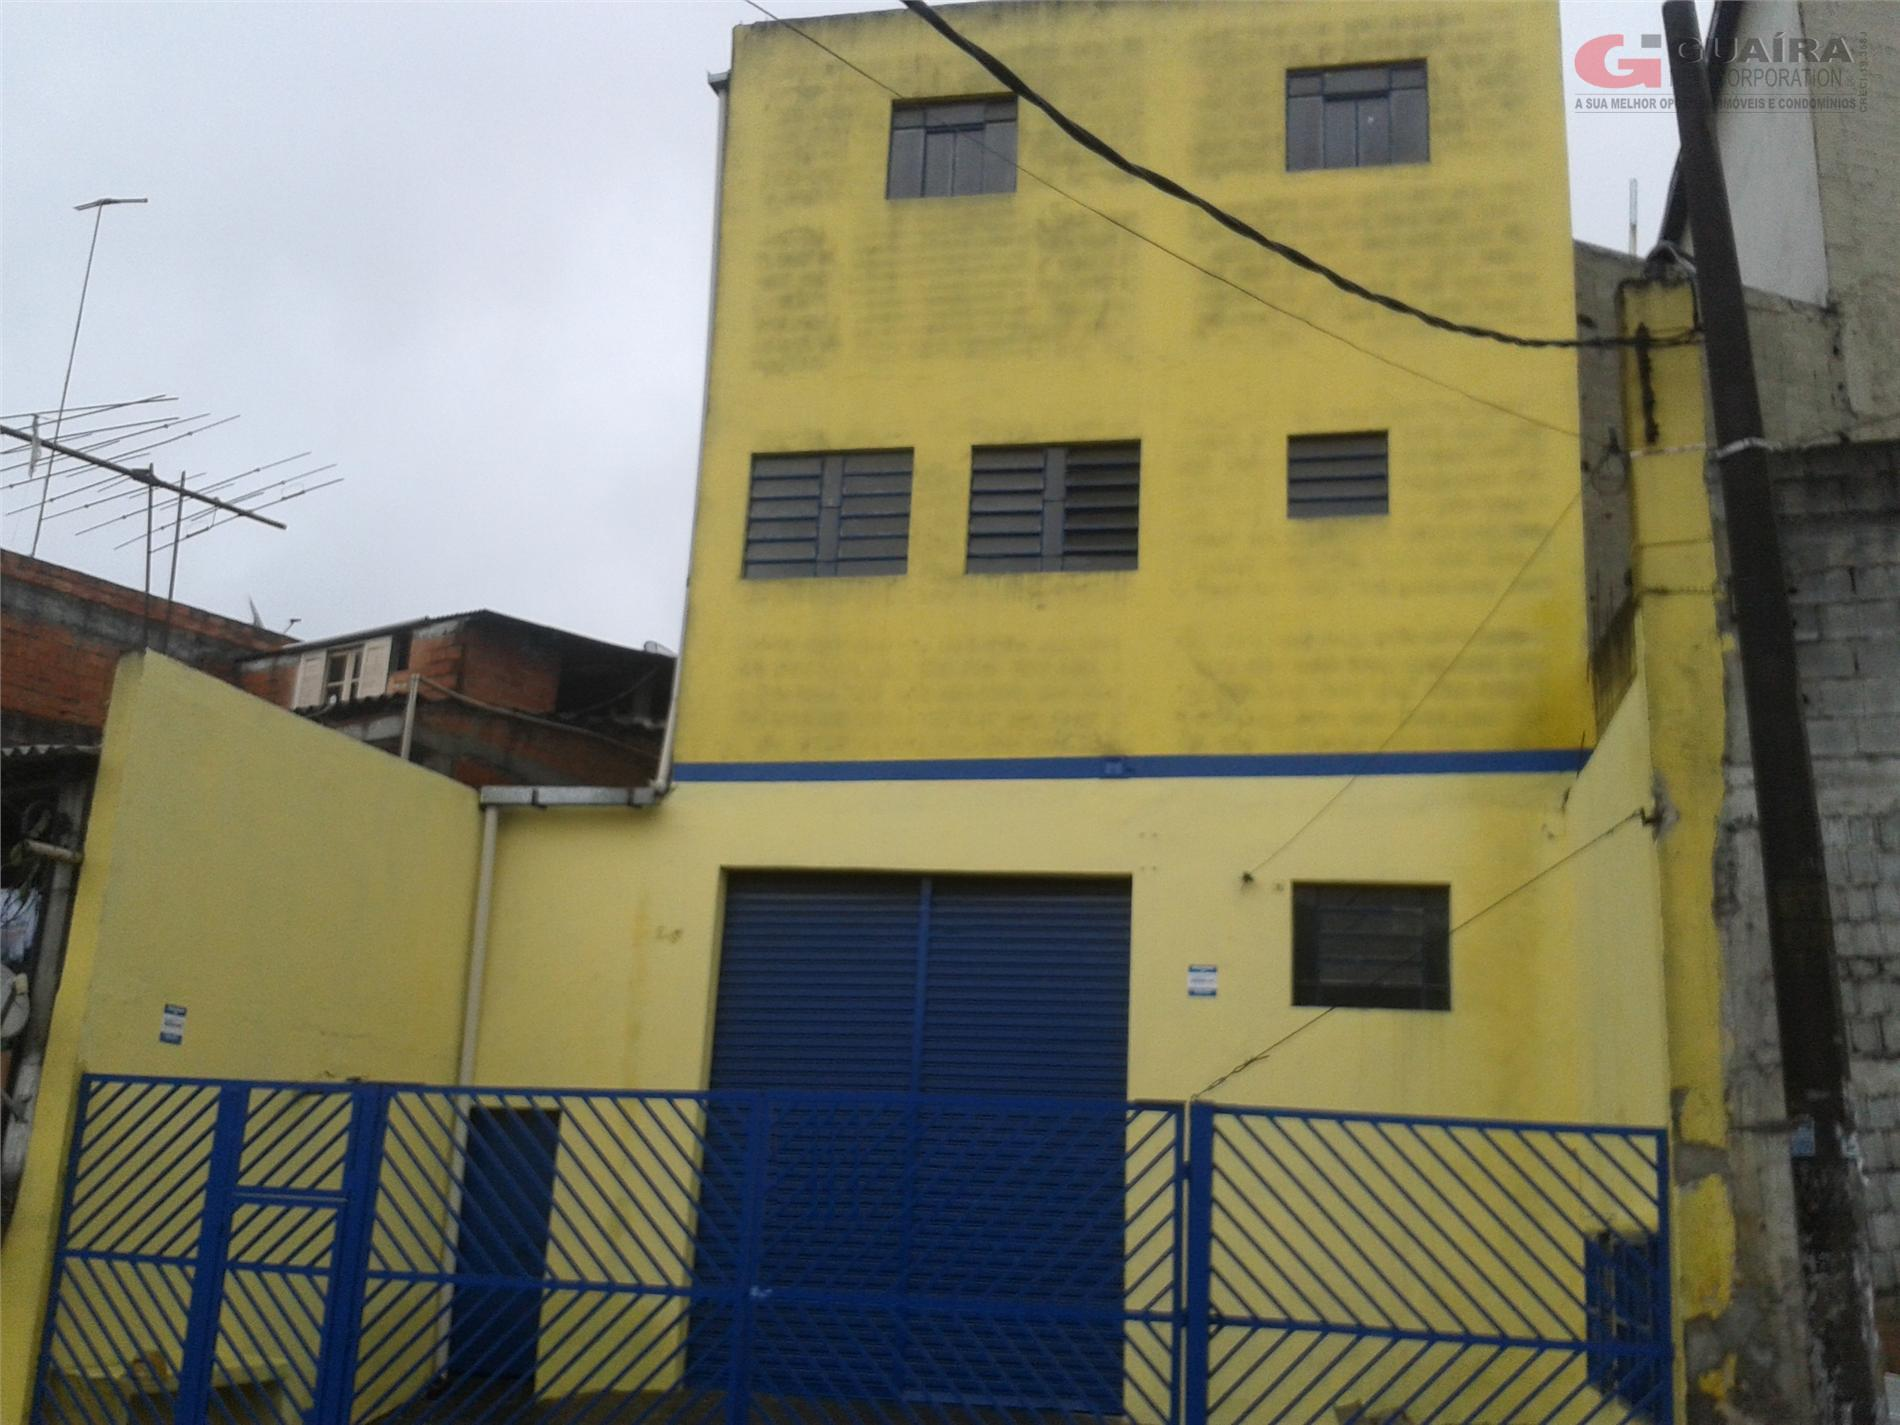 Galpão à venda em Serraria, Diadema - SP